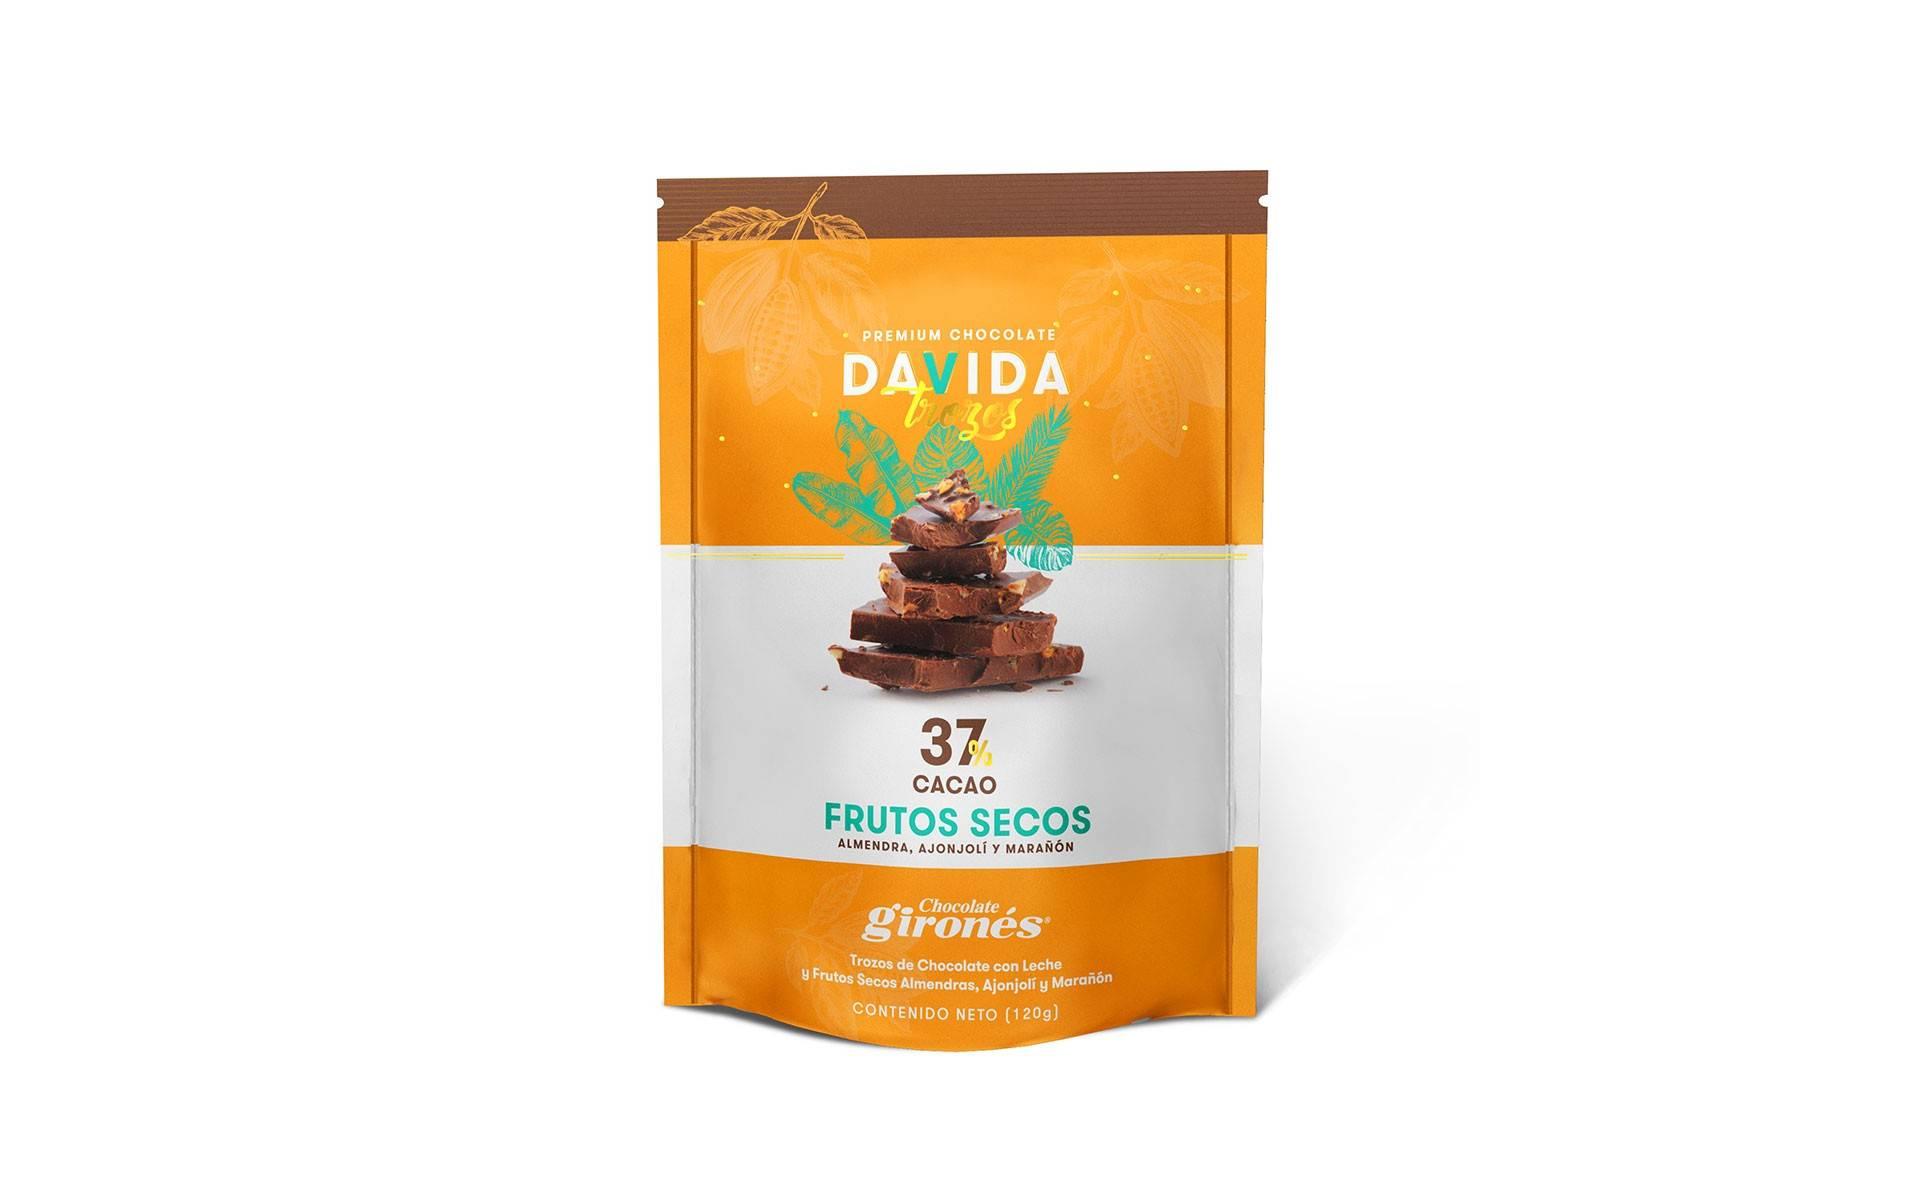 Trozos Frutos secos 37% cacao DAVIDA